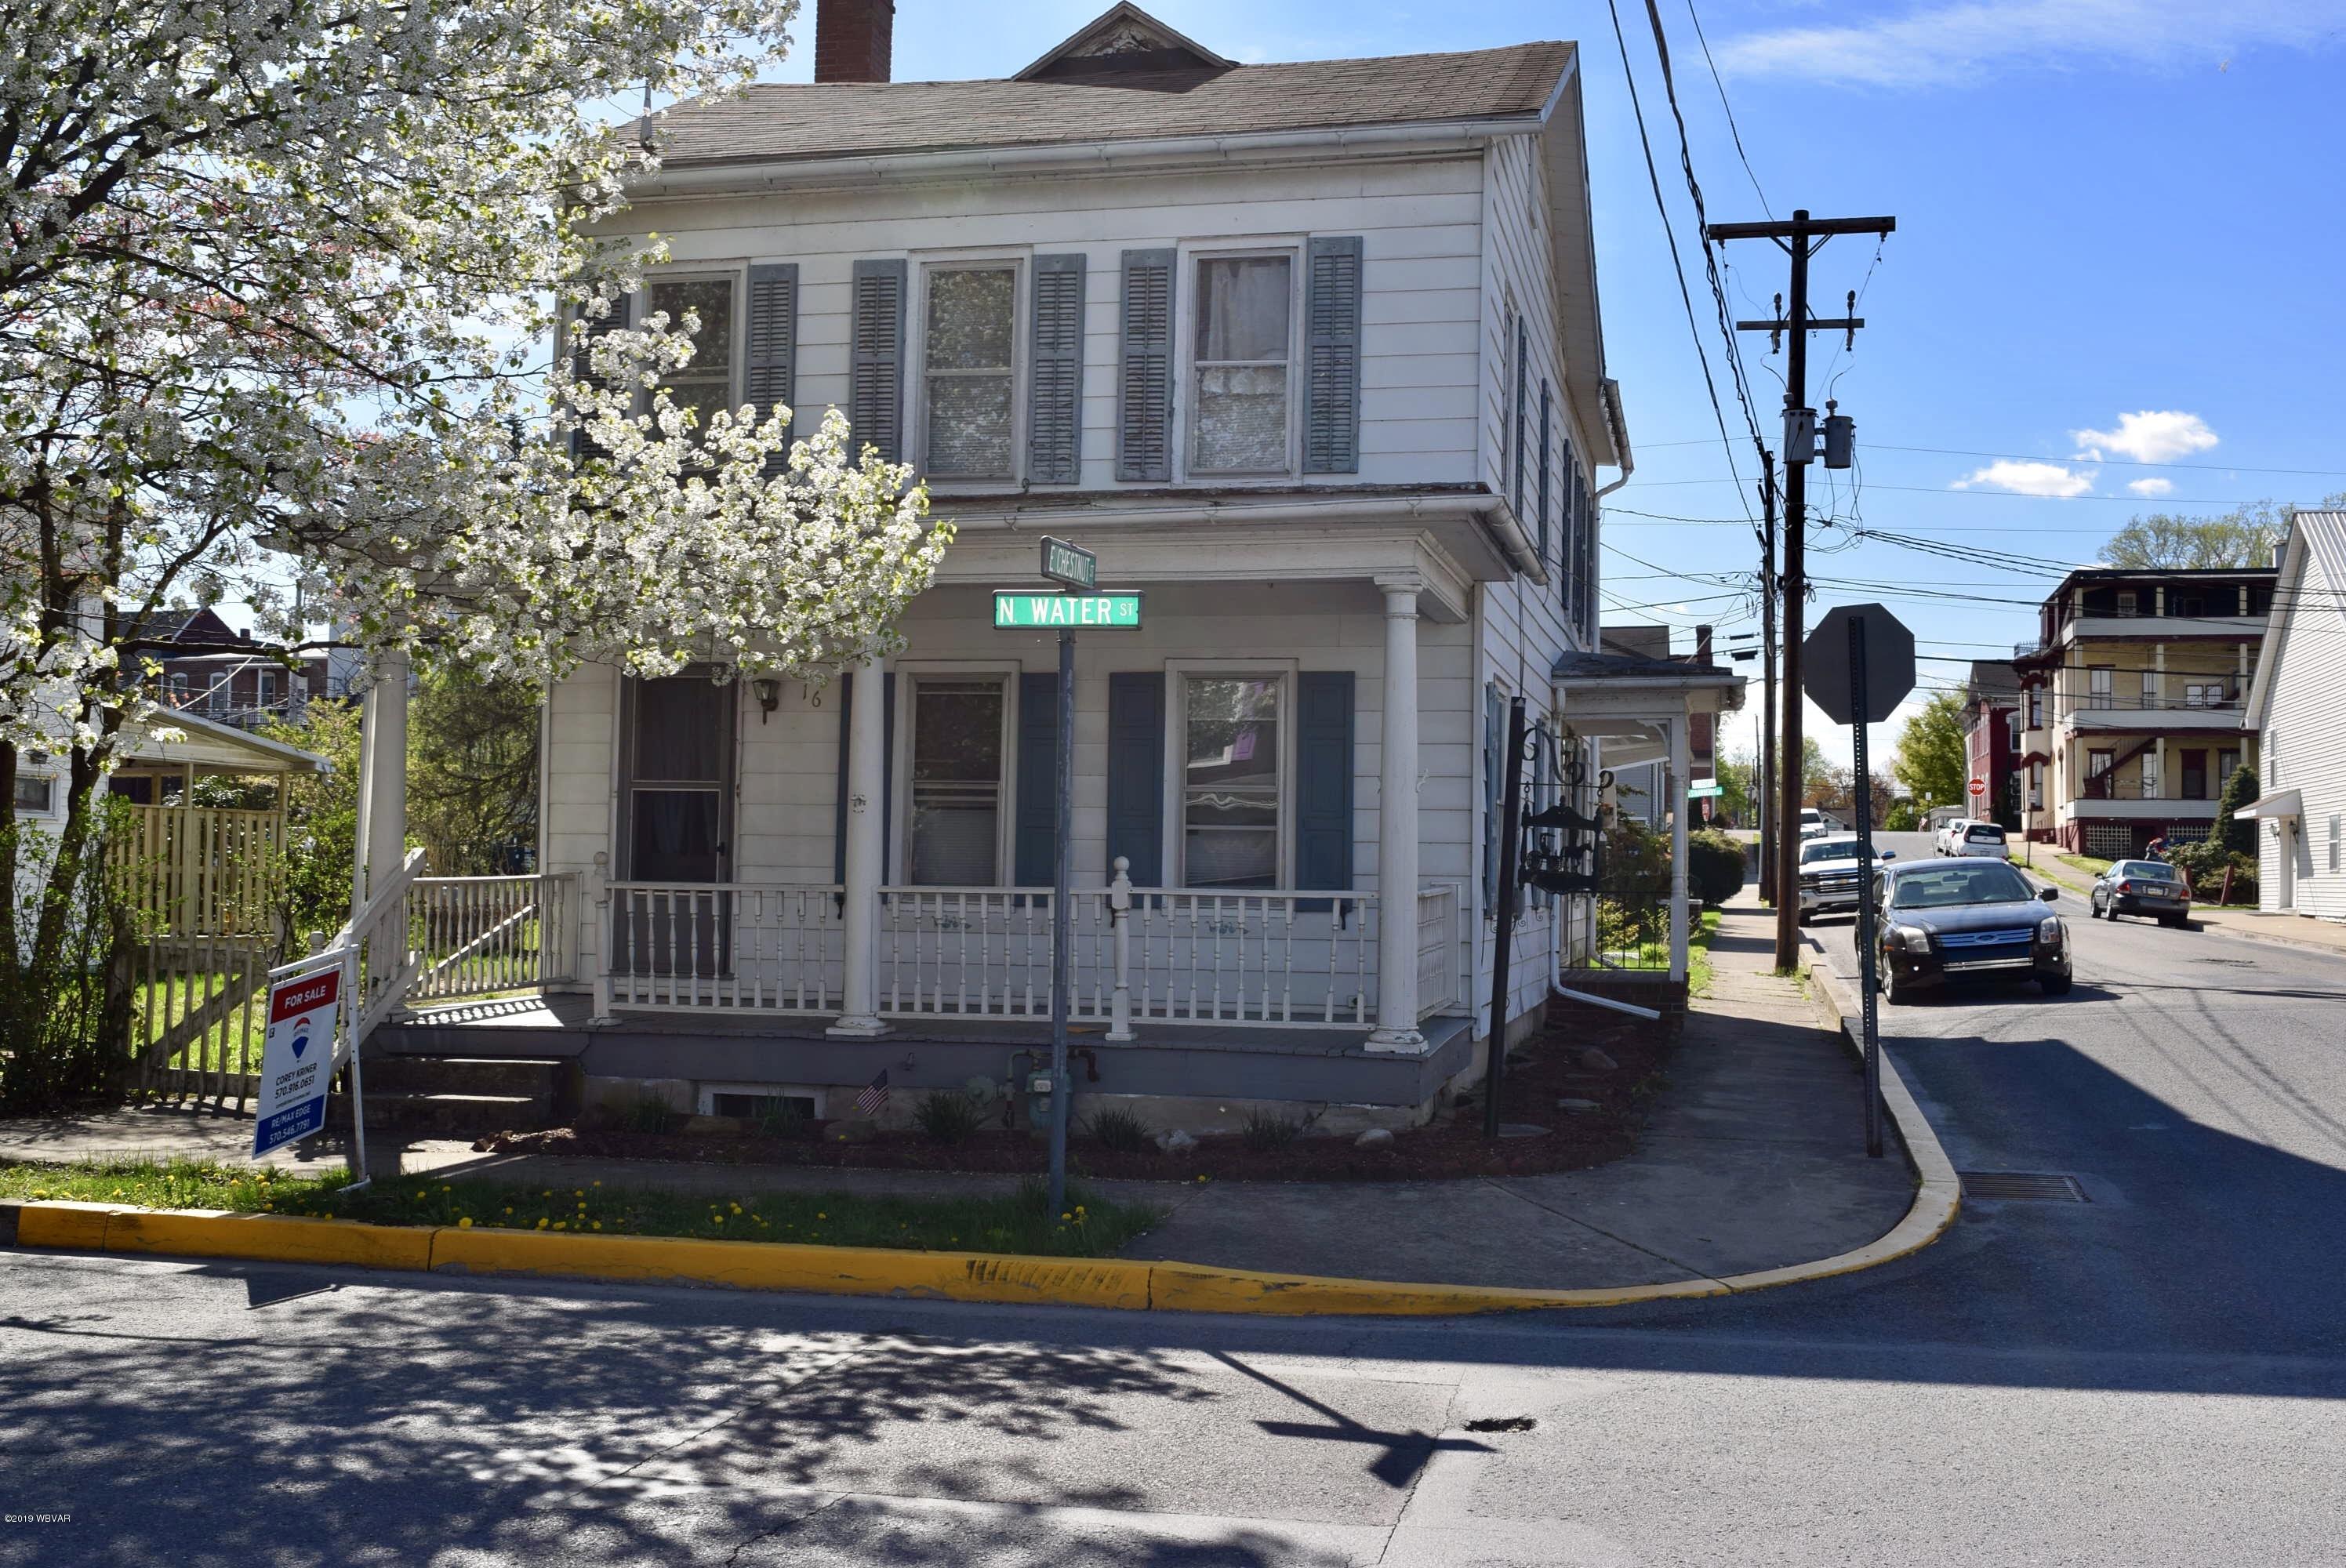 16 WATER STREET,Selinsgrove,PA 17870,4 Bedrooms Bedrooms,2 BathroomsBathrooms,Residential,WATER,WB-87573